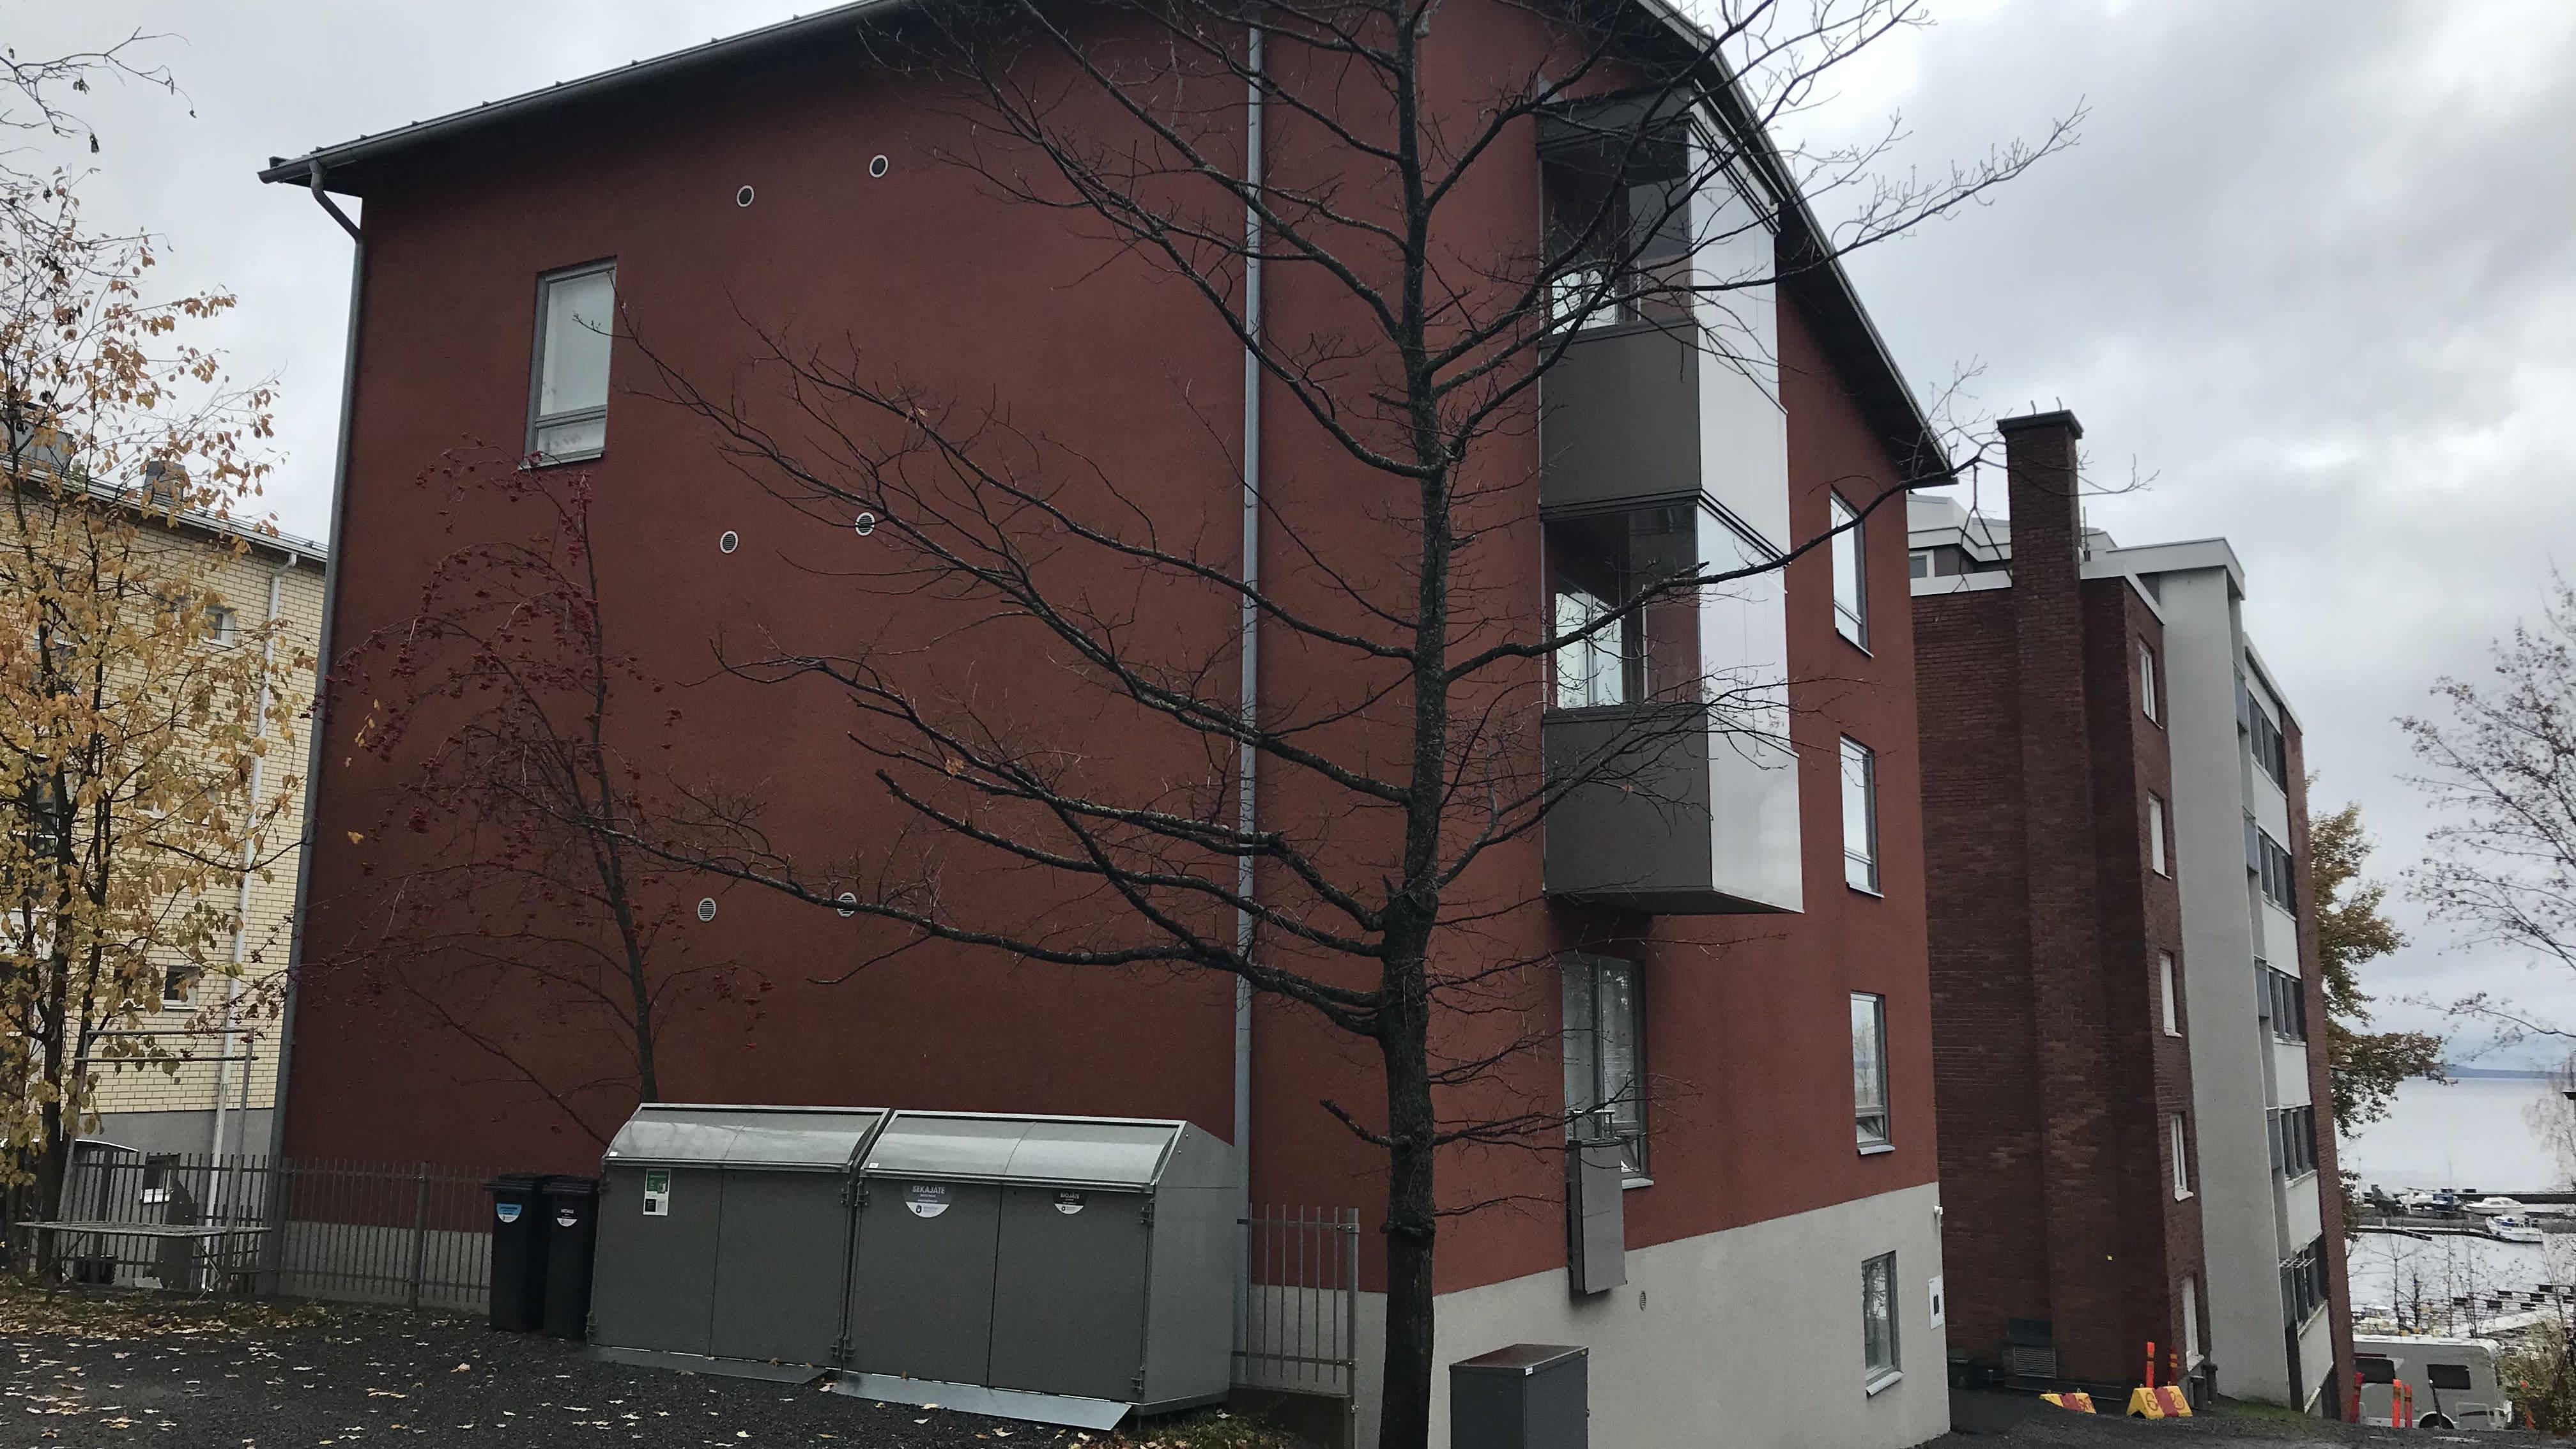 Punainen pienkerrostaloa Tampereen Armonkalliolla. Talon takana näkyy vanhempi punatiilinen kerrostalo ja Näsijärveä.